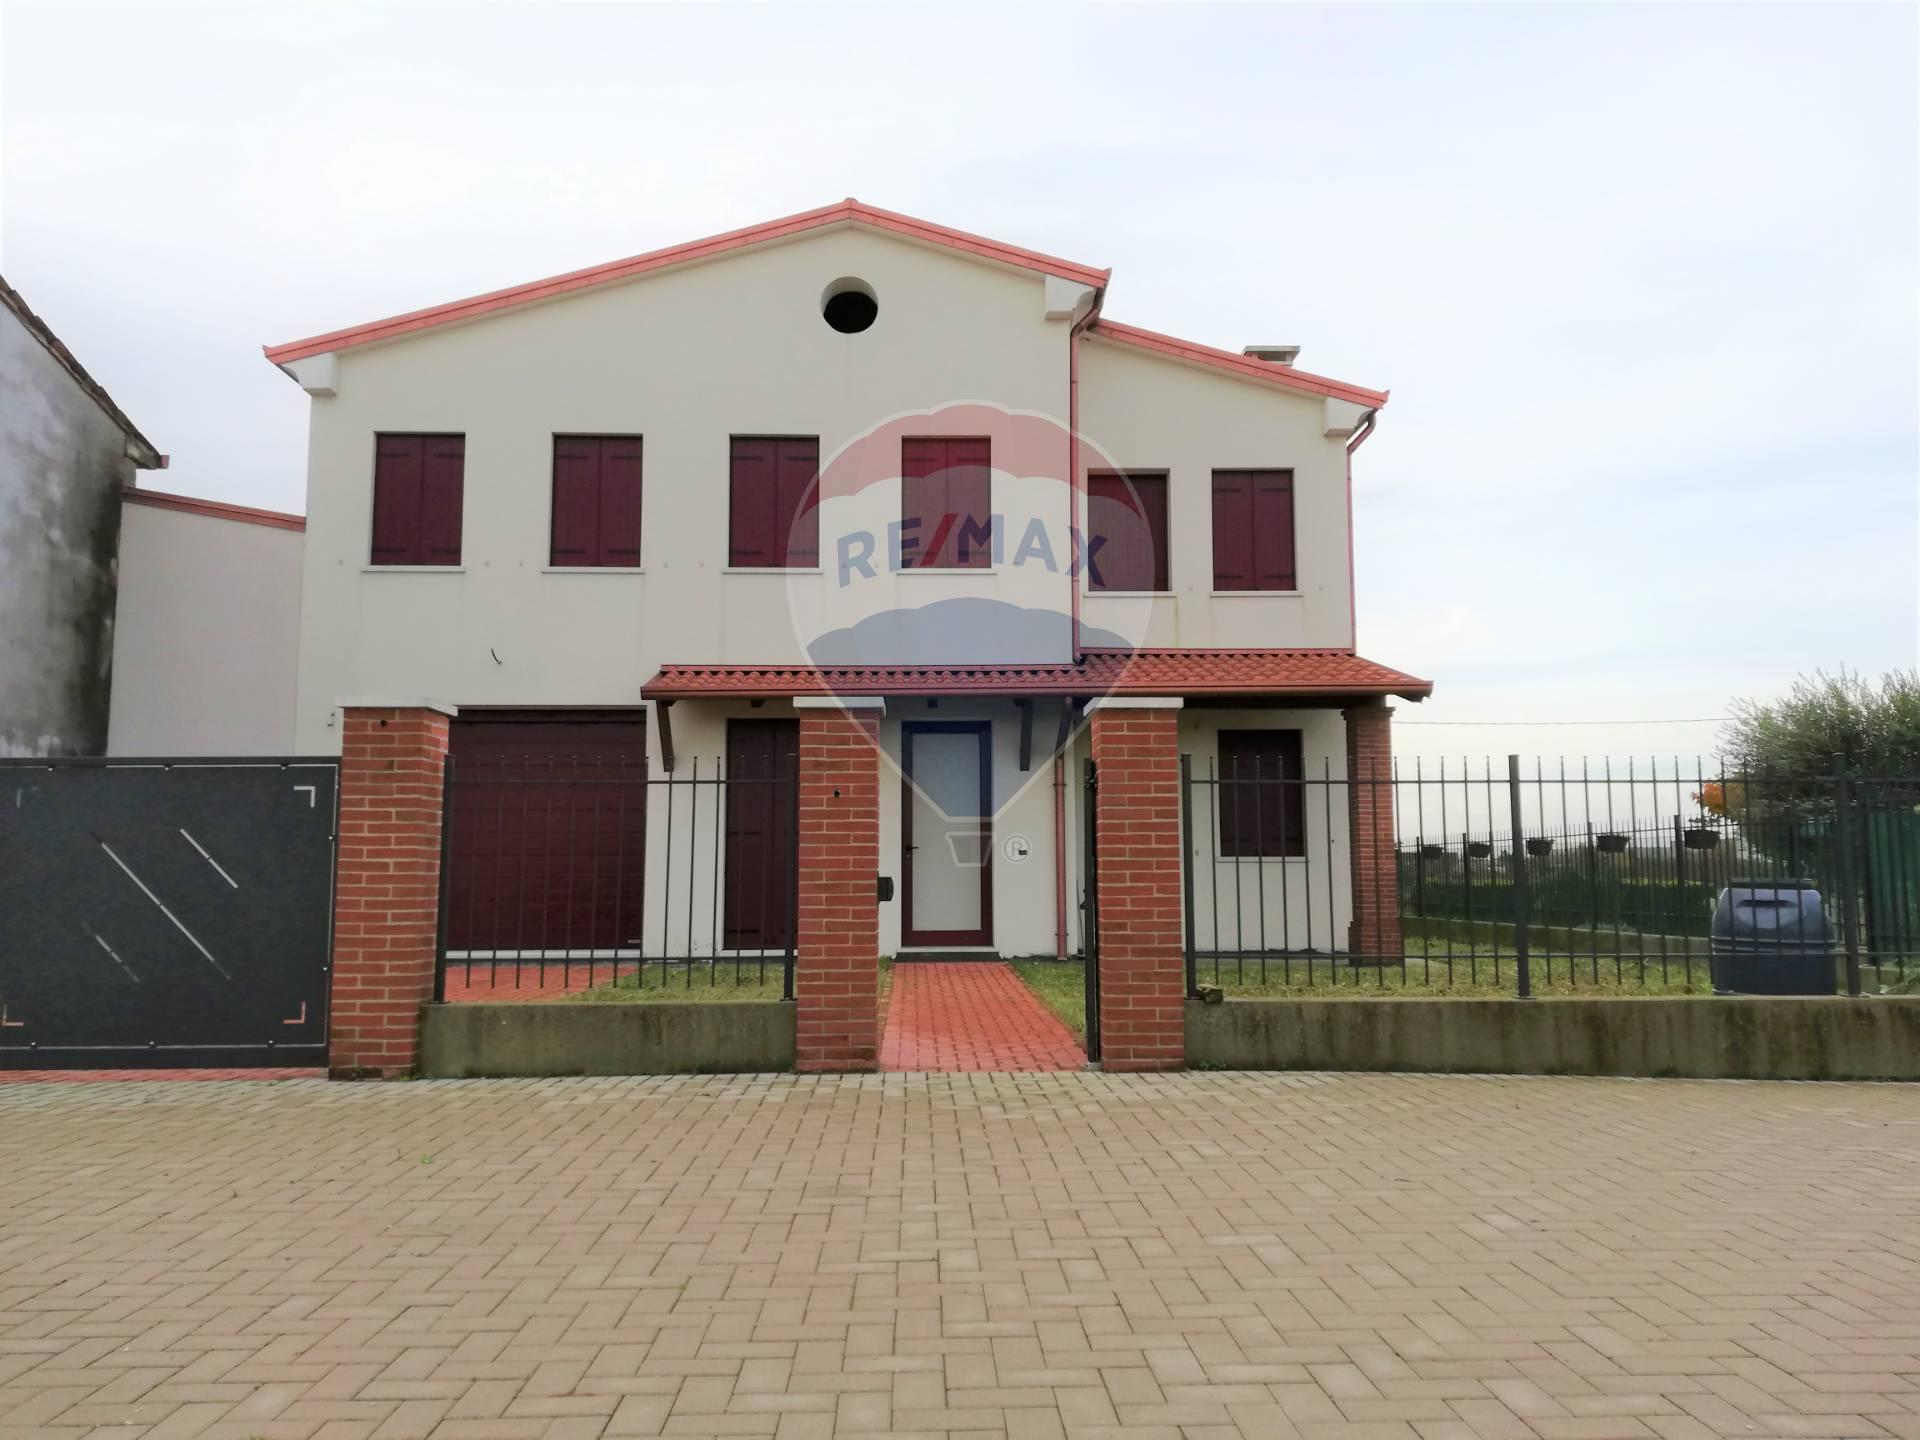 Villa Bifamiliare in vendita a Pojana Maggiore, 4 locali, zona Zona: Cagnano, prezzo € 140.000 | CambioCasa.it